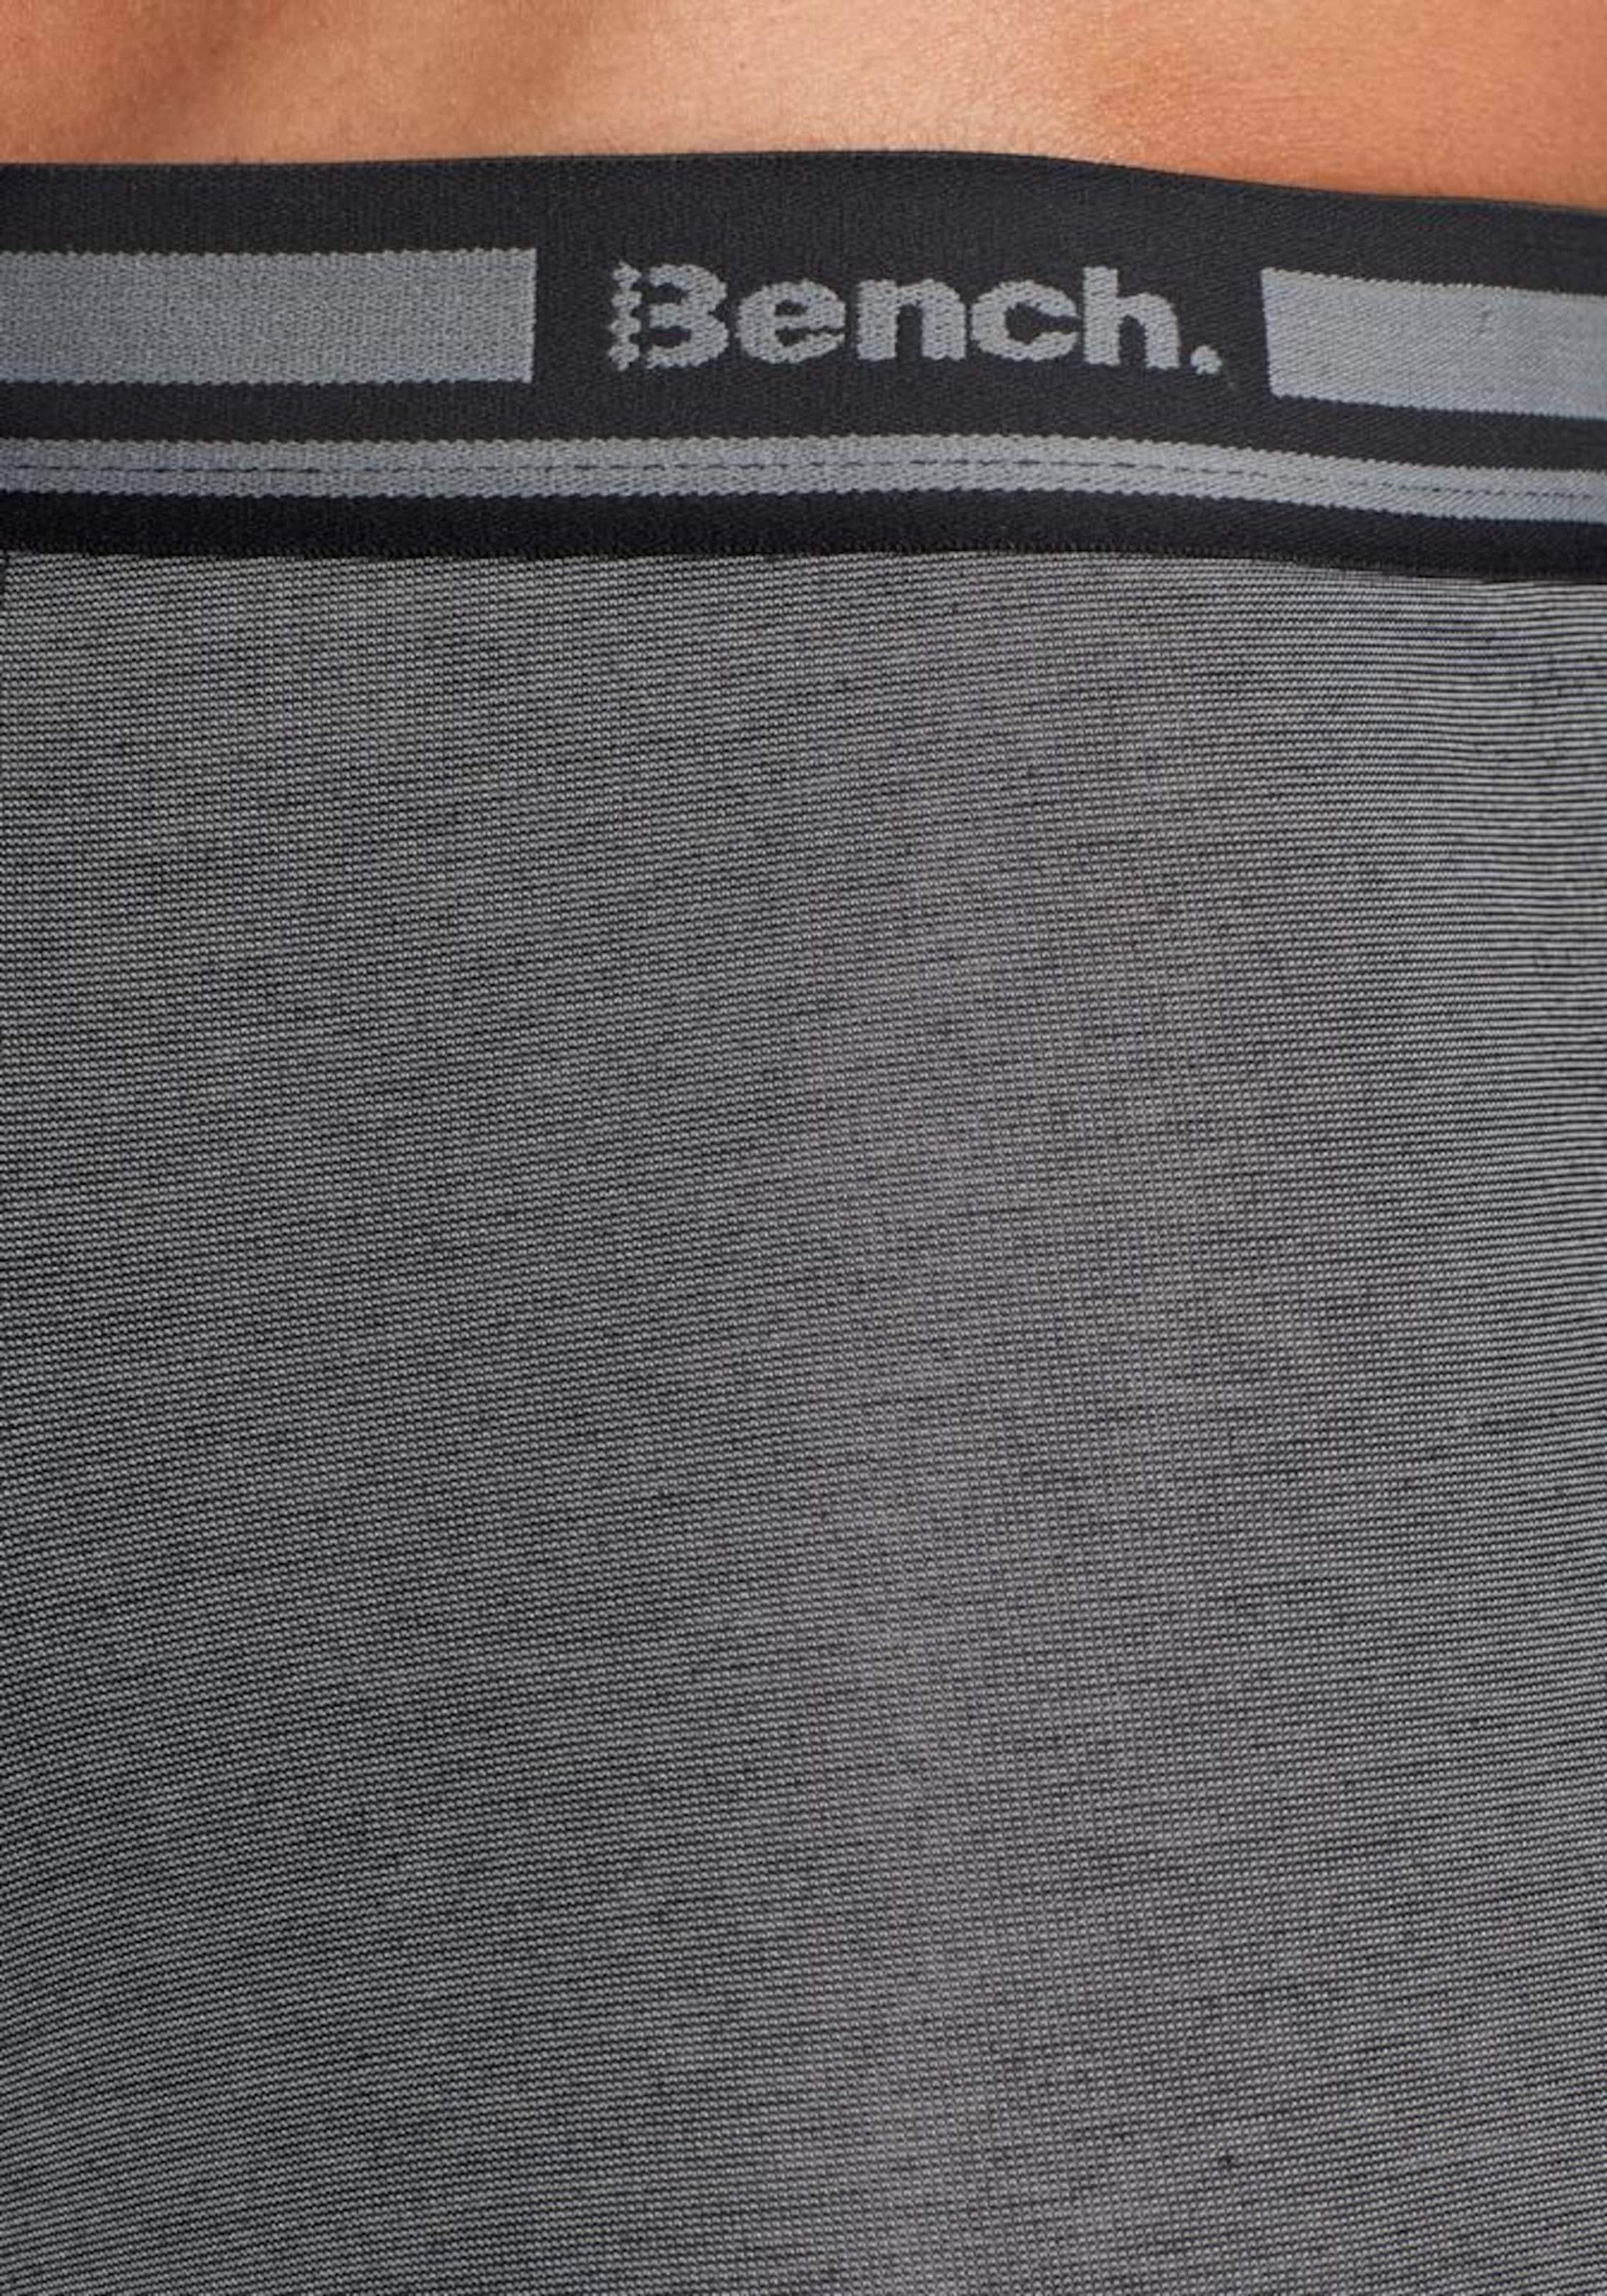 Hipster2 StückAus Atmungsaktiver Ware Coolmax® Bench In Grau eEHI9WD2Yb